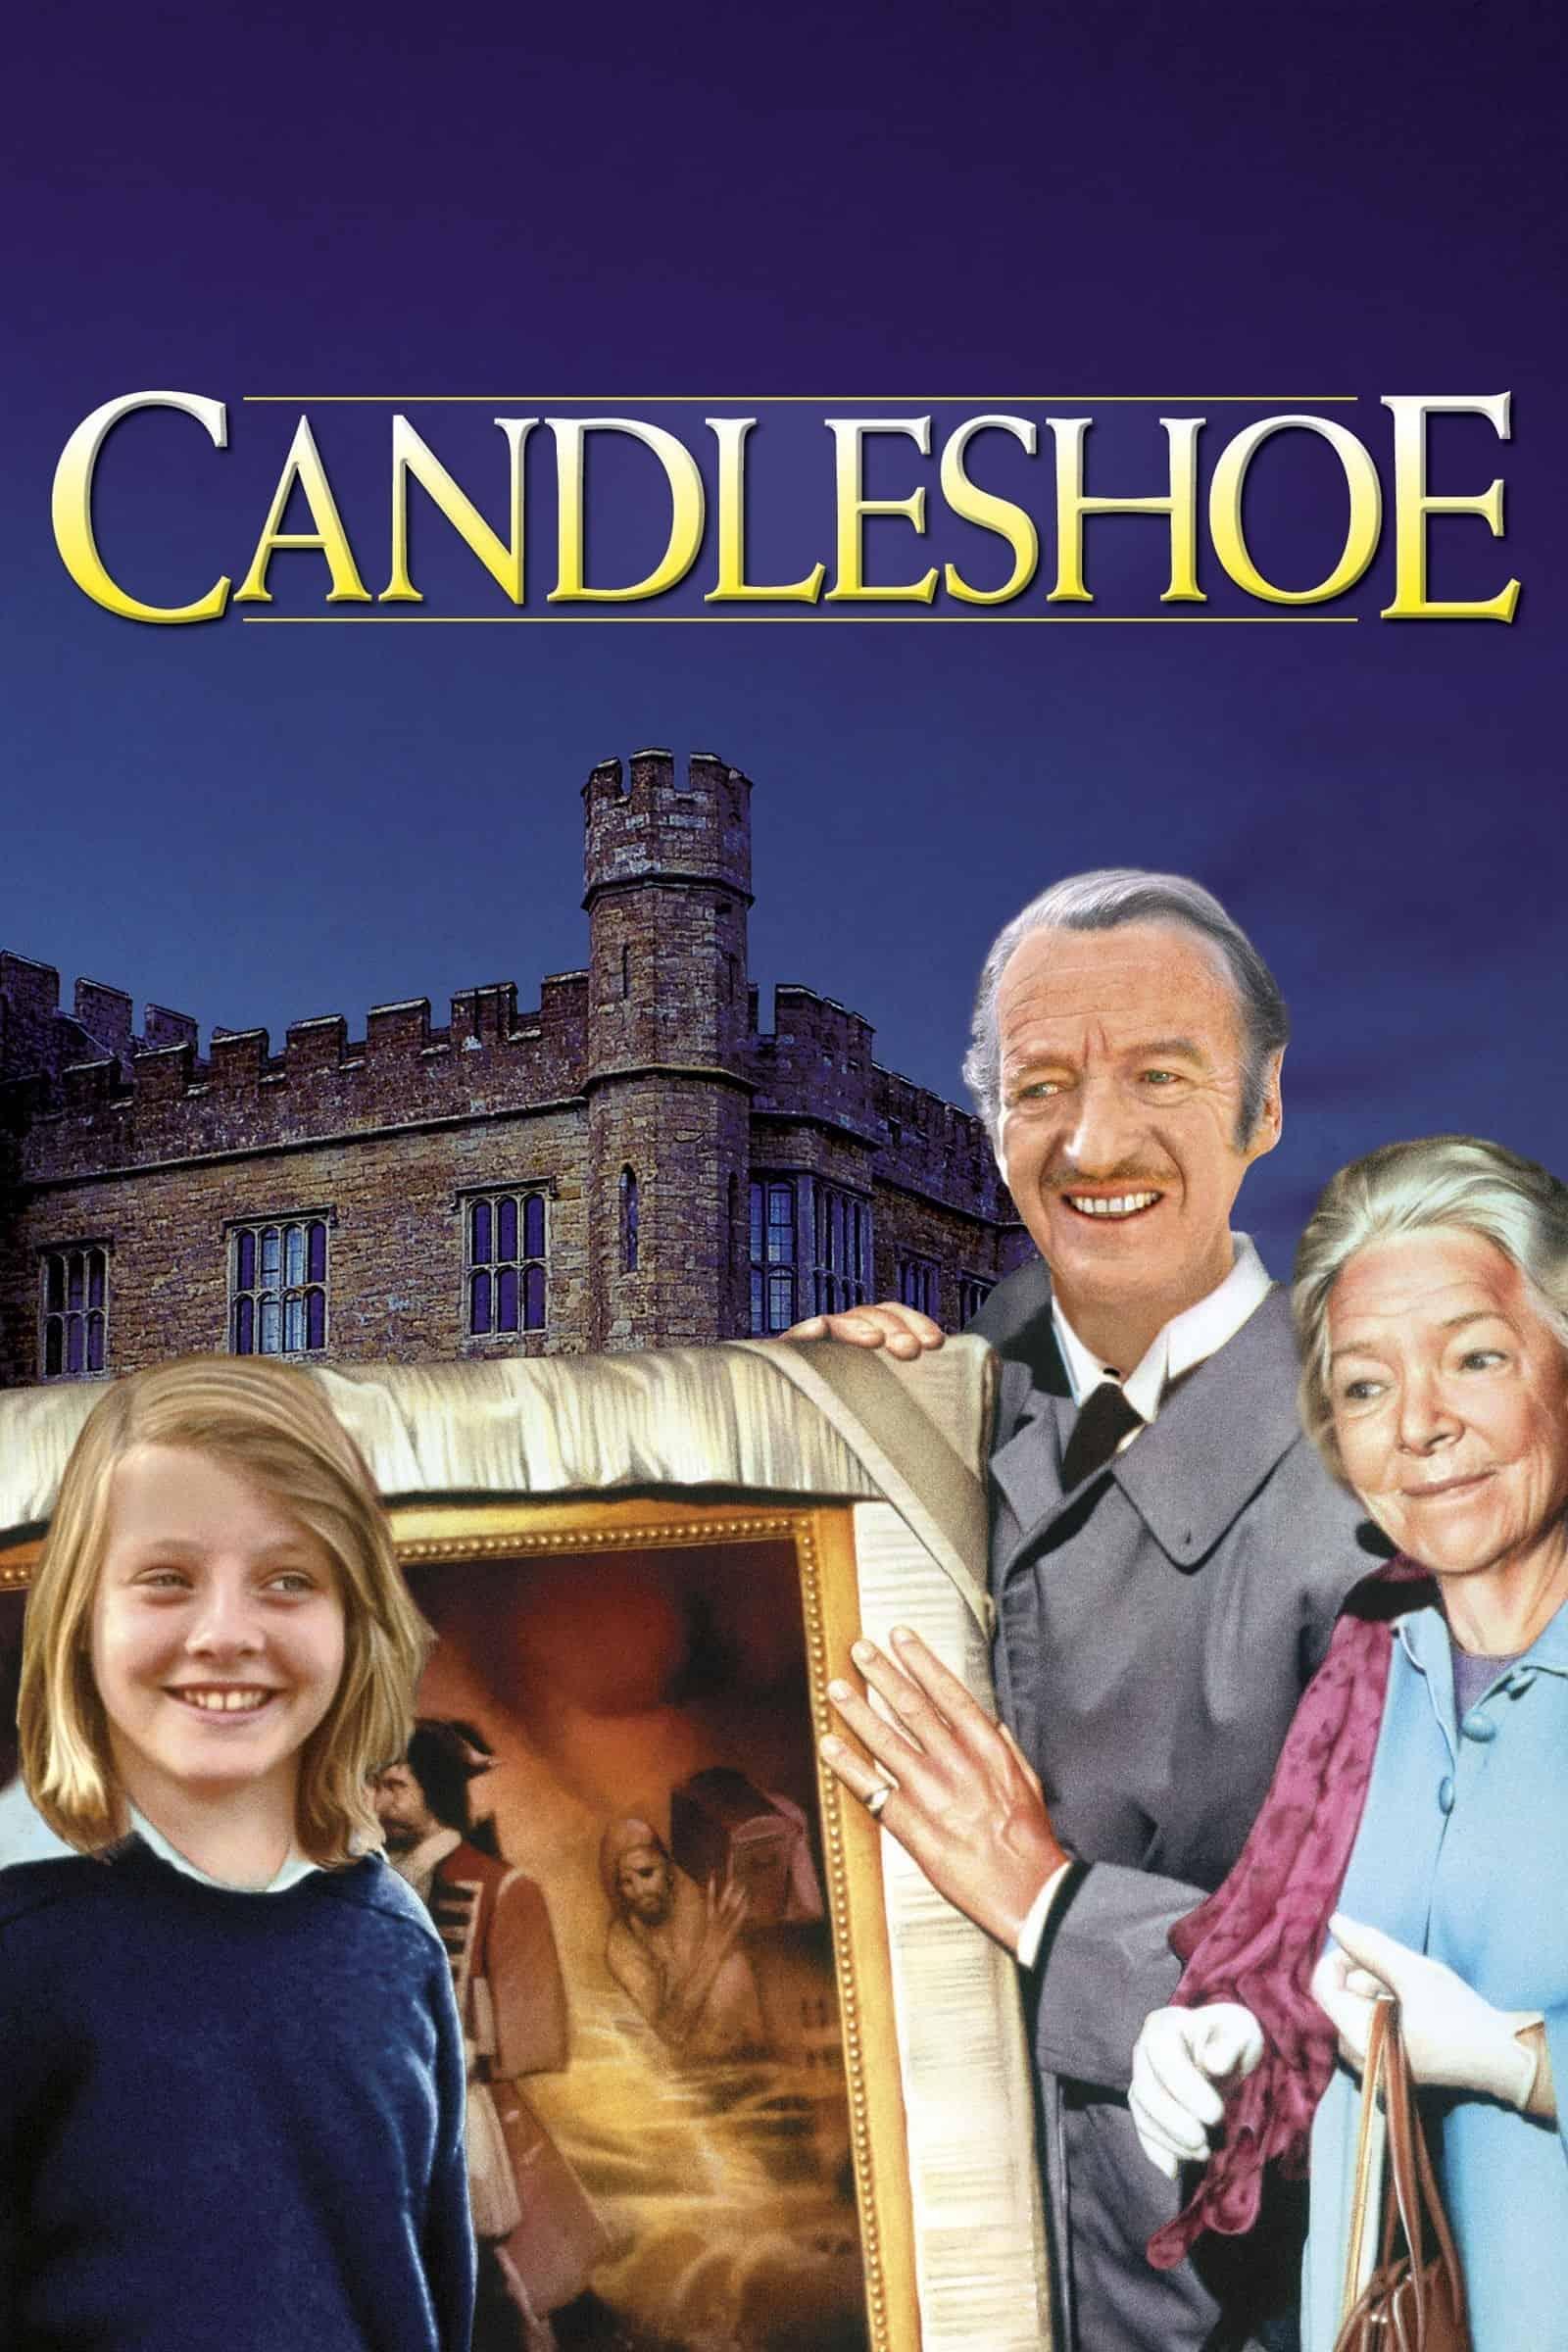 Candleshoe, 1977